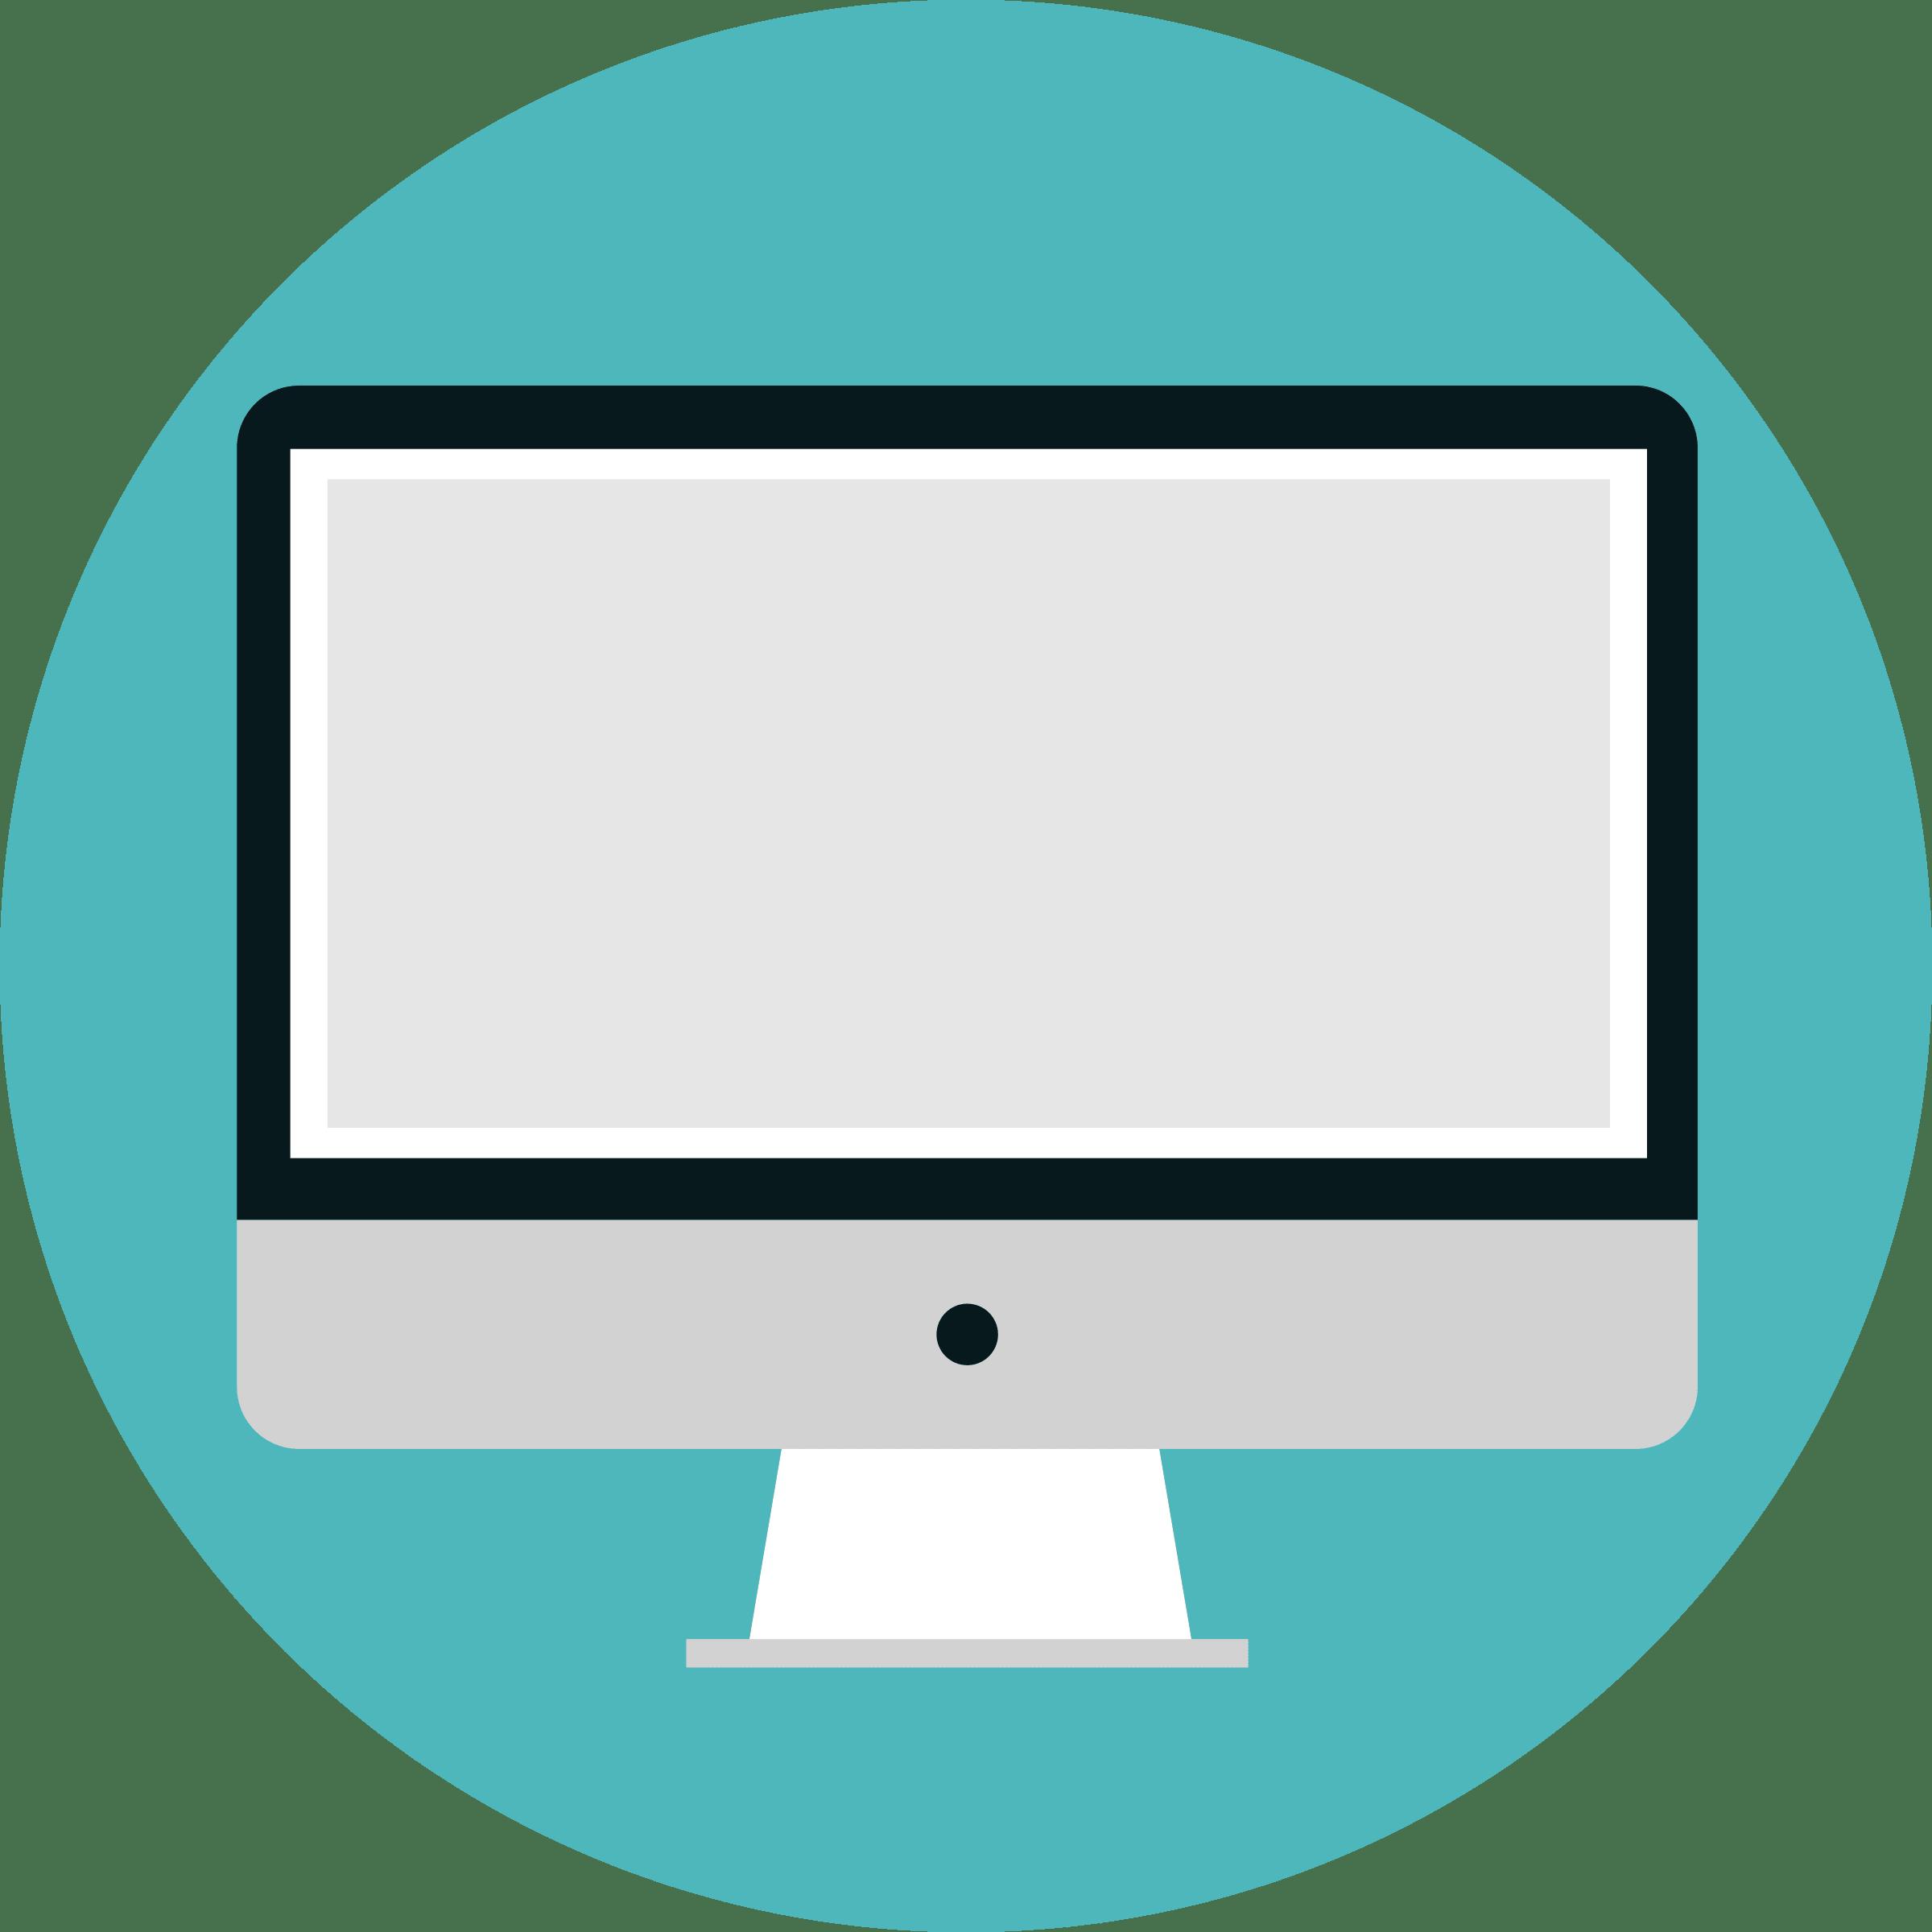 Bilgisayarla Kullanım